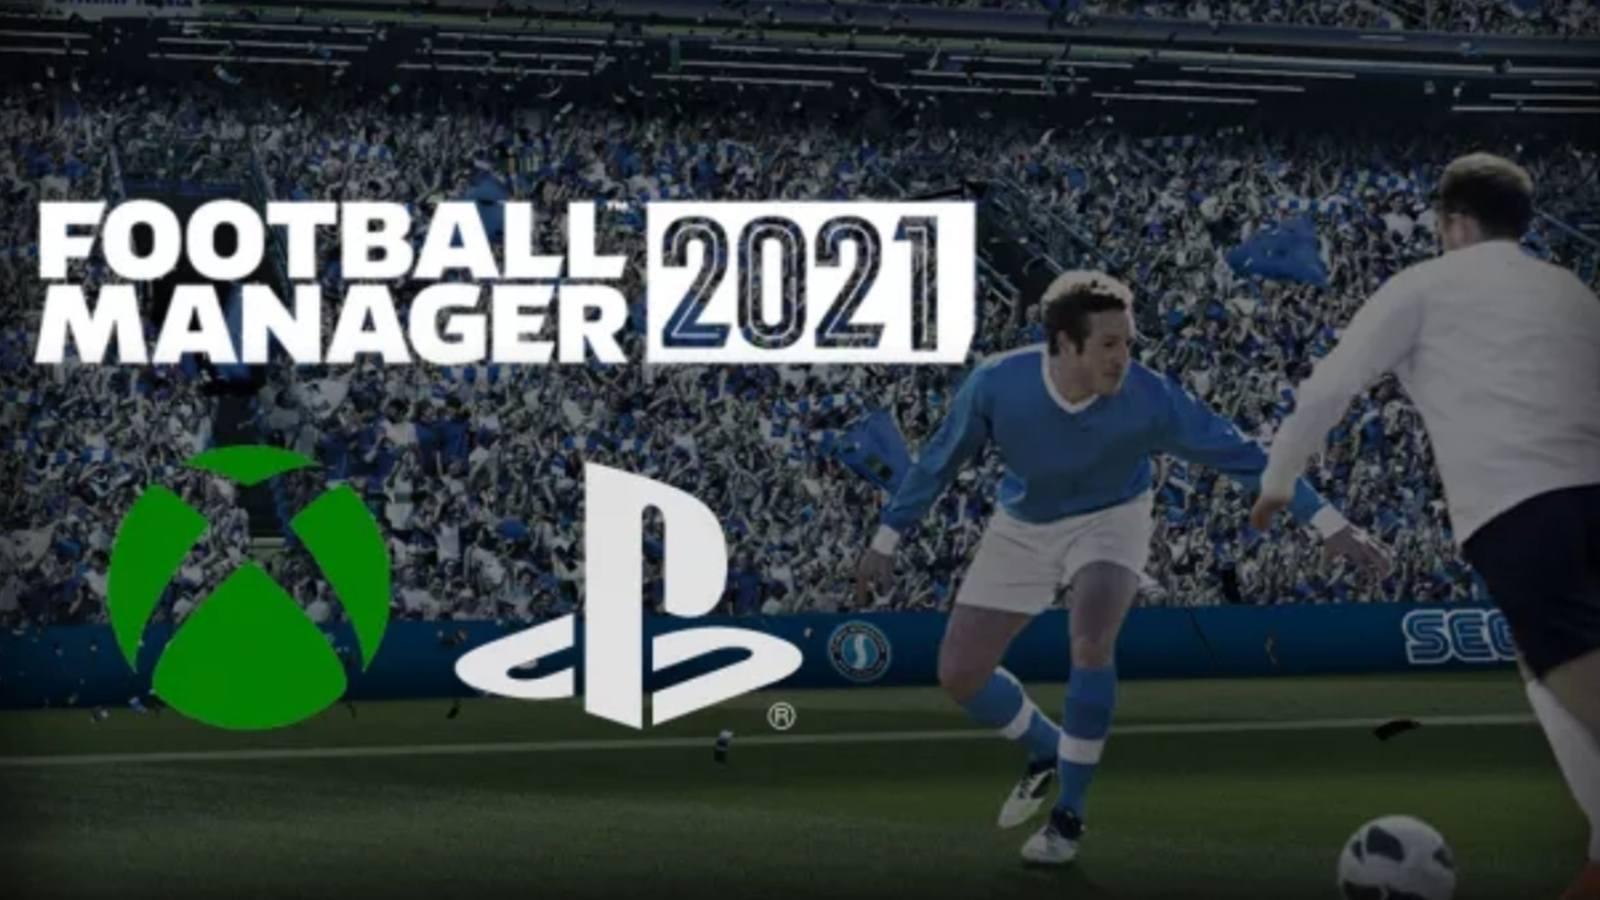 Football Manager 2021 pourrait sortir sur console